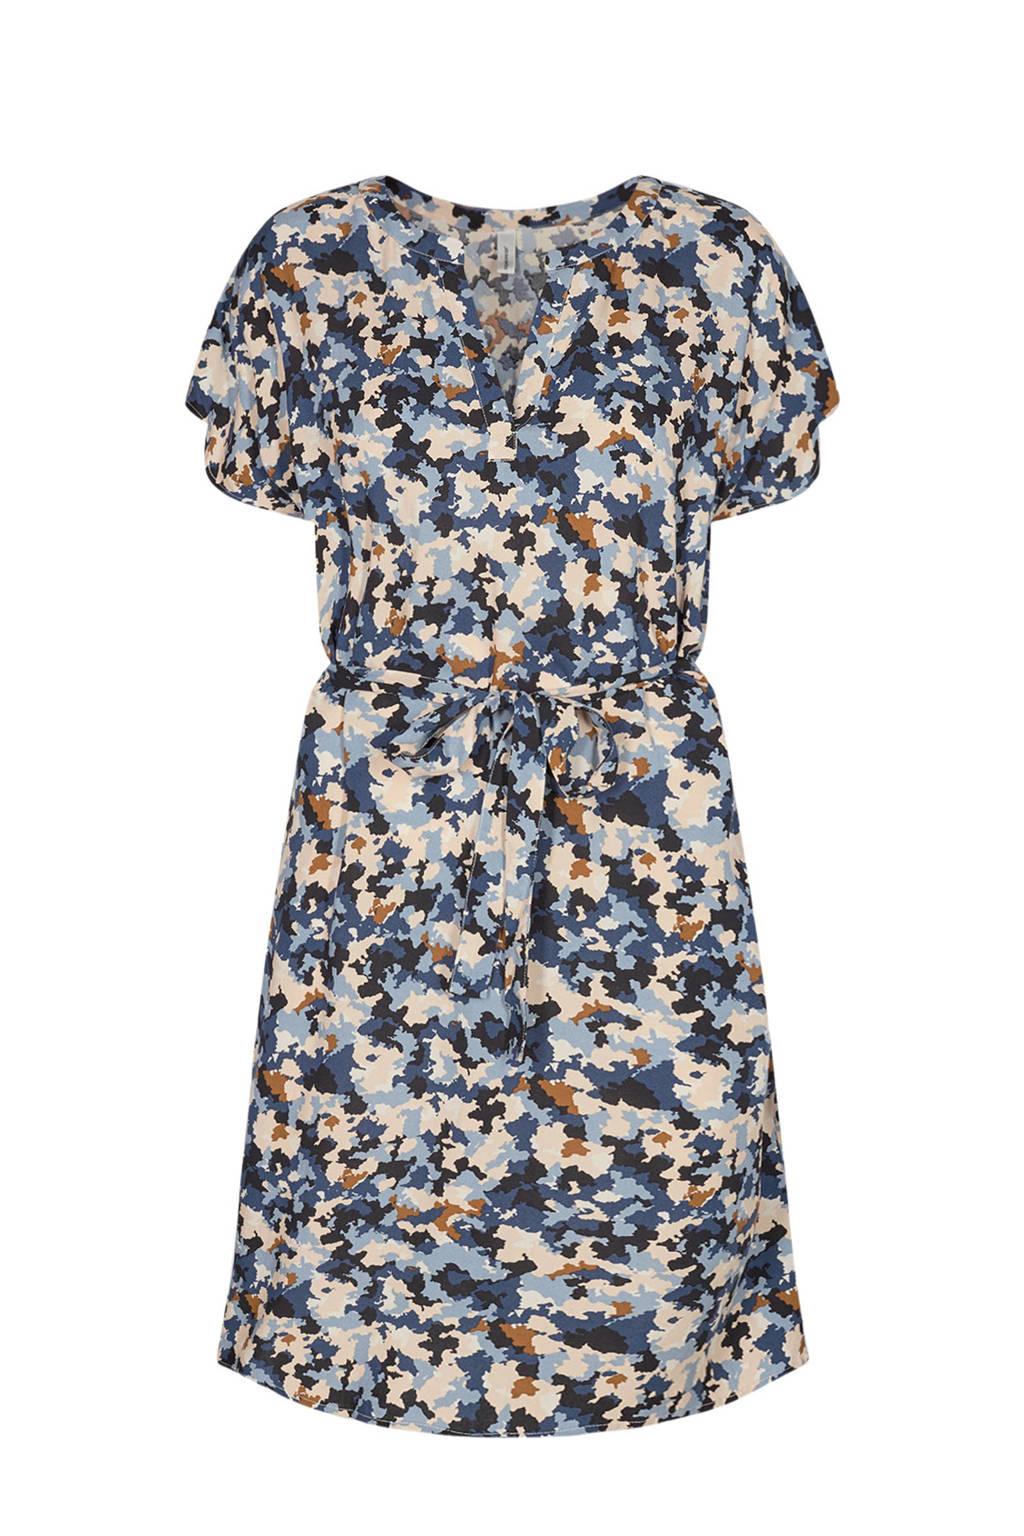 Soyaconcept jurk KALIMA met camouflageprint blauw/beige/bruin, Blauw/beige/bruin